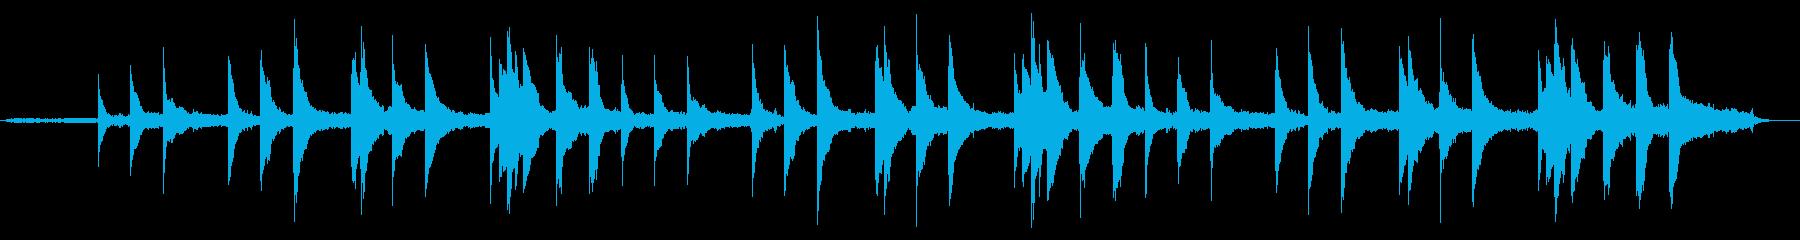 ヒーリング ピアノ バラードの再生済みの波形